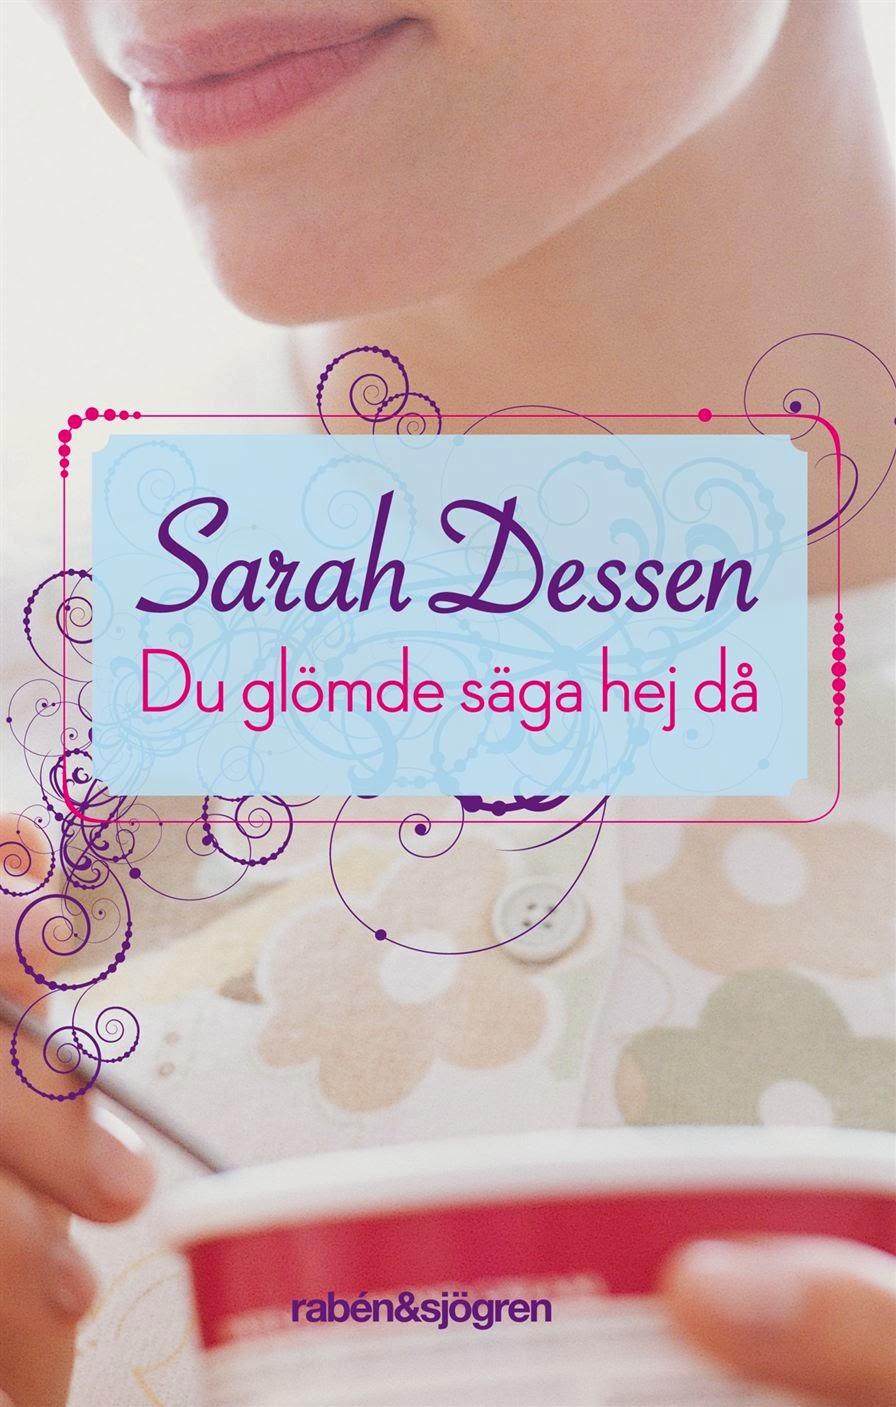 http://juliasnerdroom.blogspot.se/2013/12/du-glomde-saga-hej-da-sarah-dessen.html#comment-form